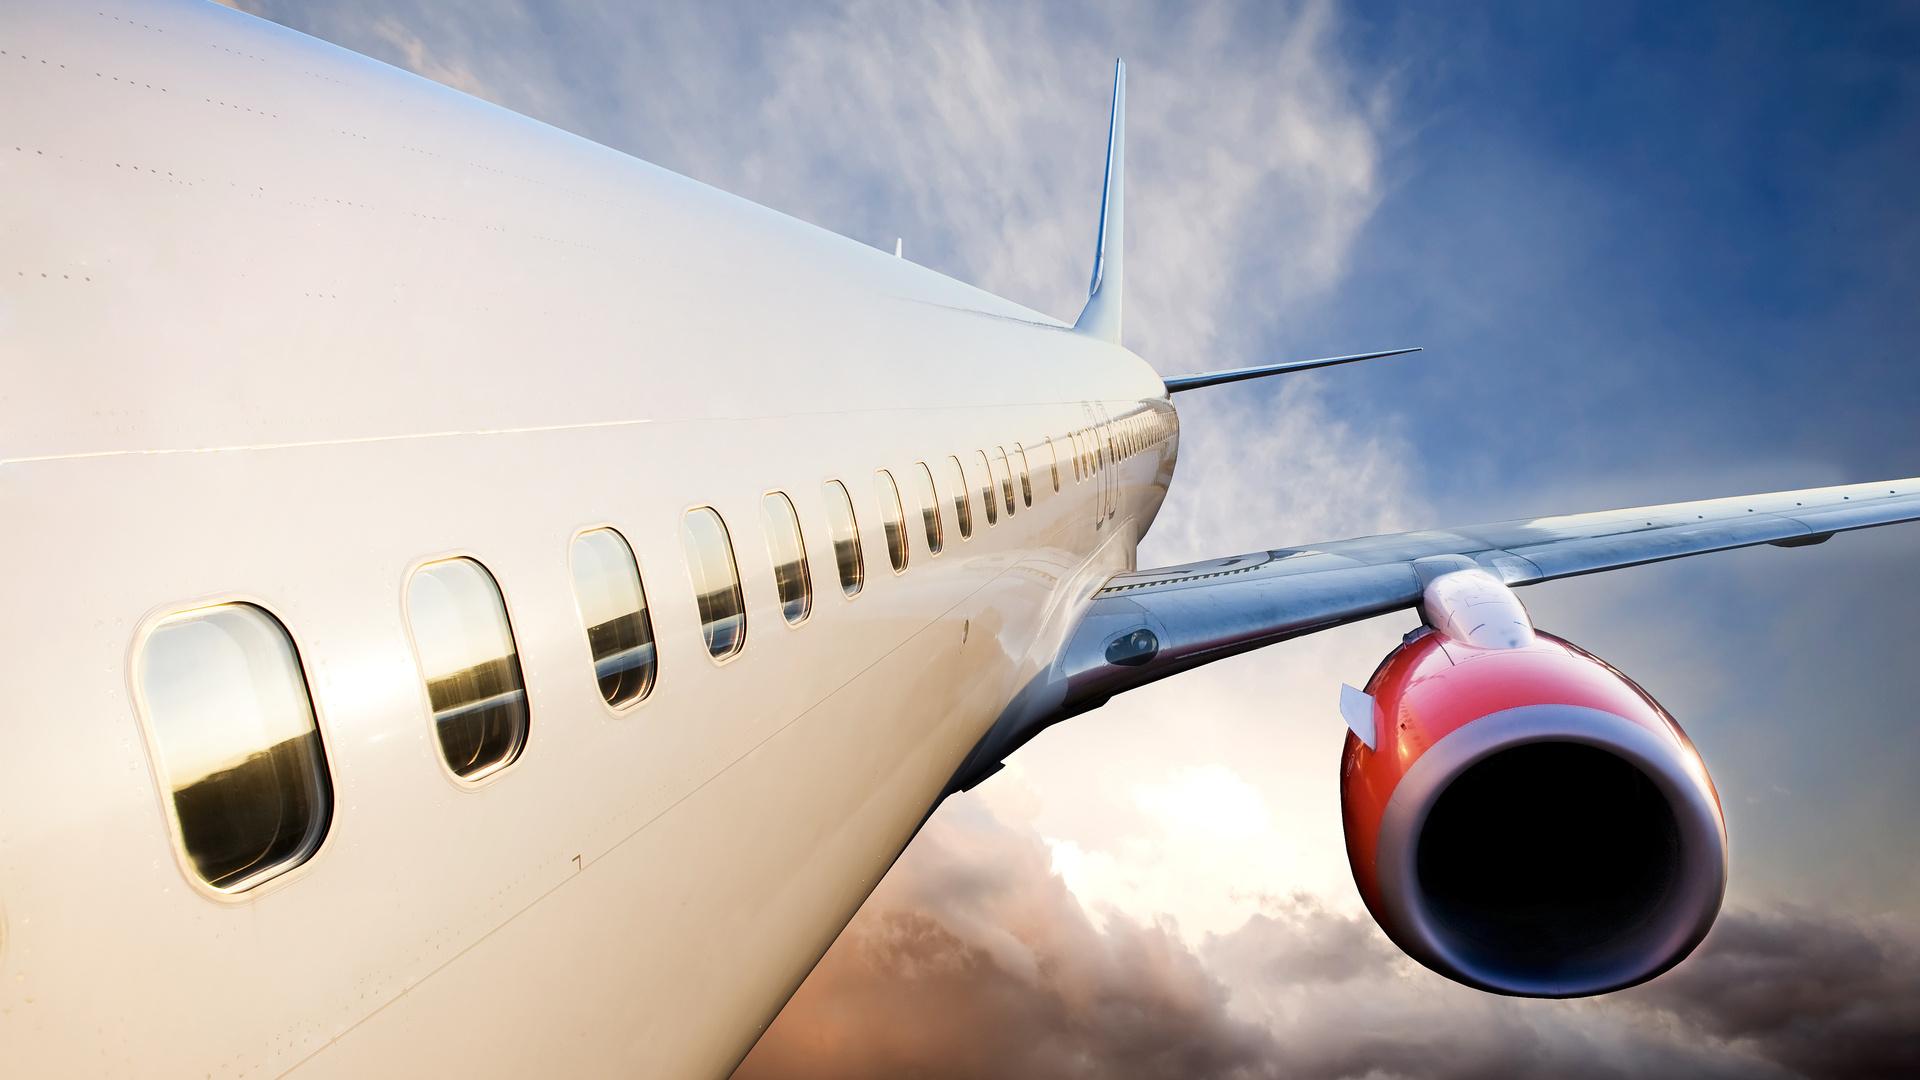 Картинки самолетов, надписью малышок